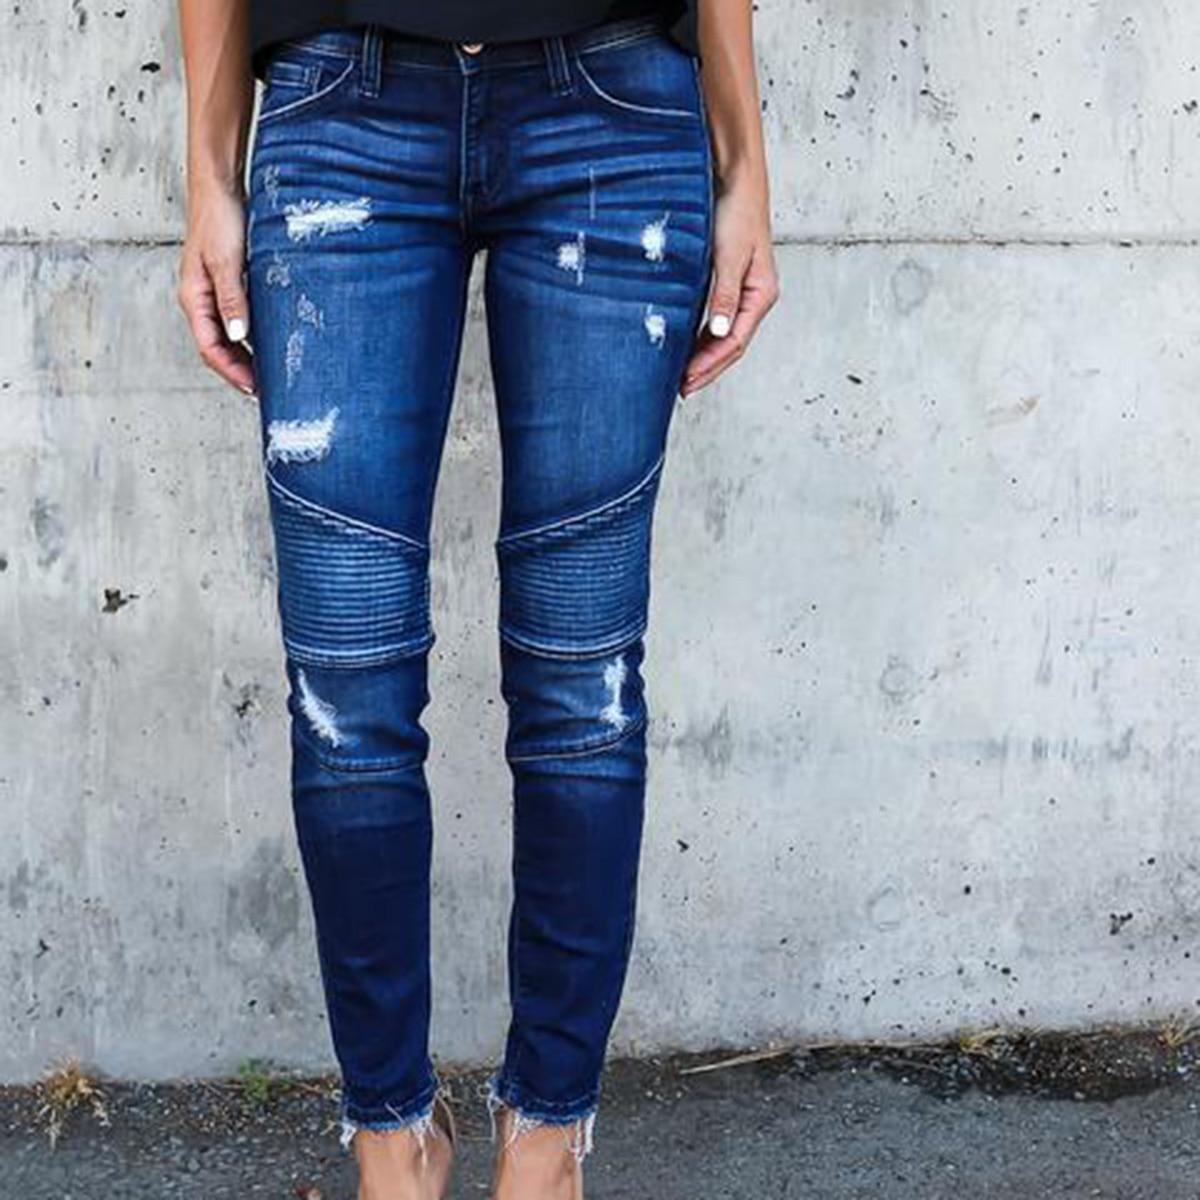 Для женщин карандаш Брюки для девочек плиссированные длинные джинсы Тонкий плиссированные рваные эластичного денима Узкие брюки Повседневное танцор штаны для девочек